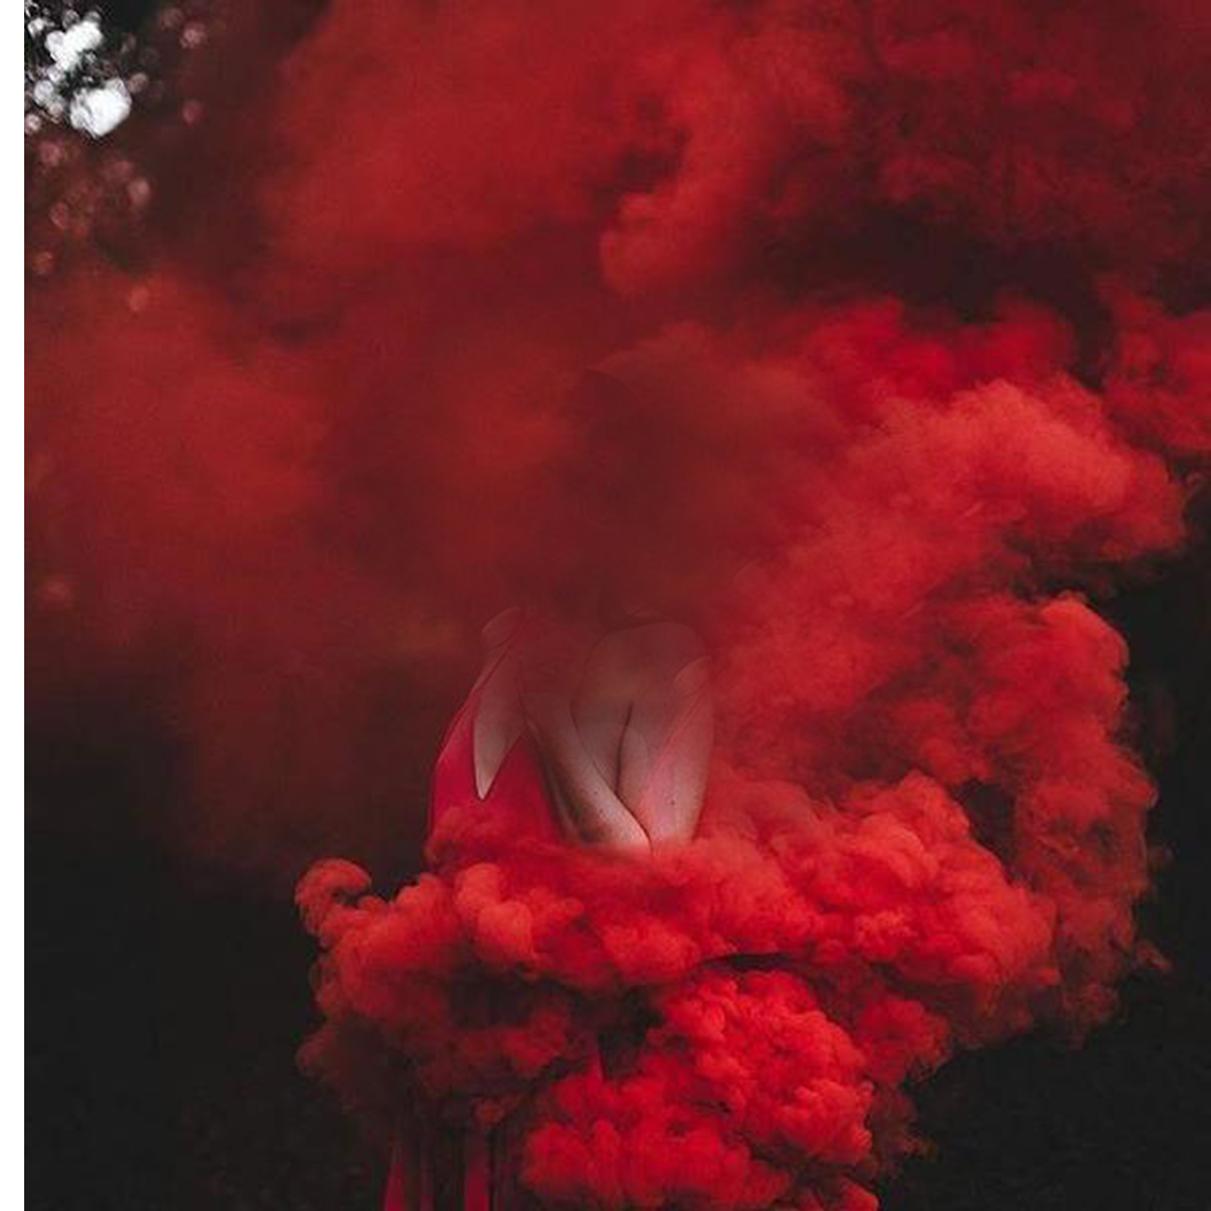 red smoke color